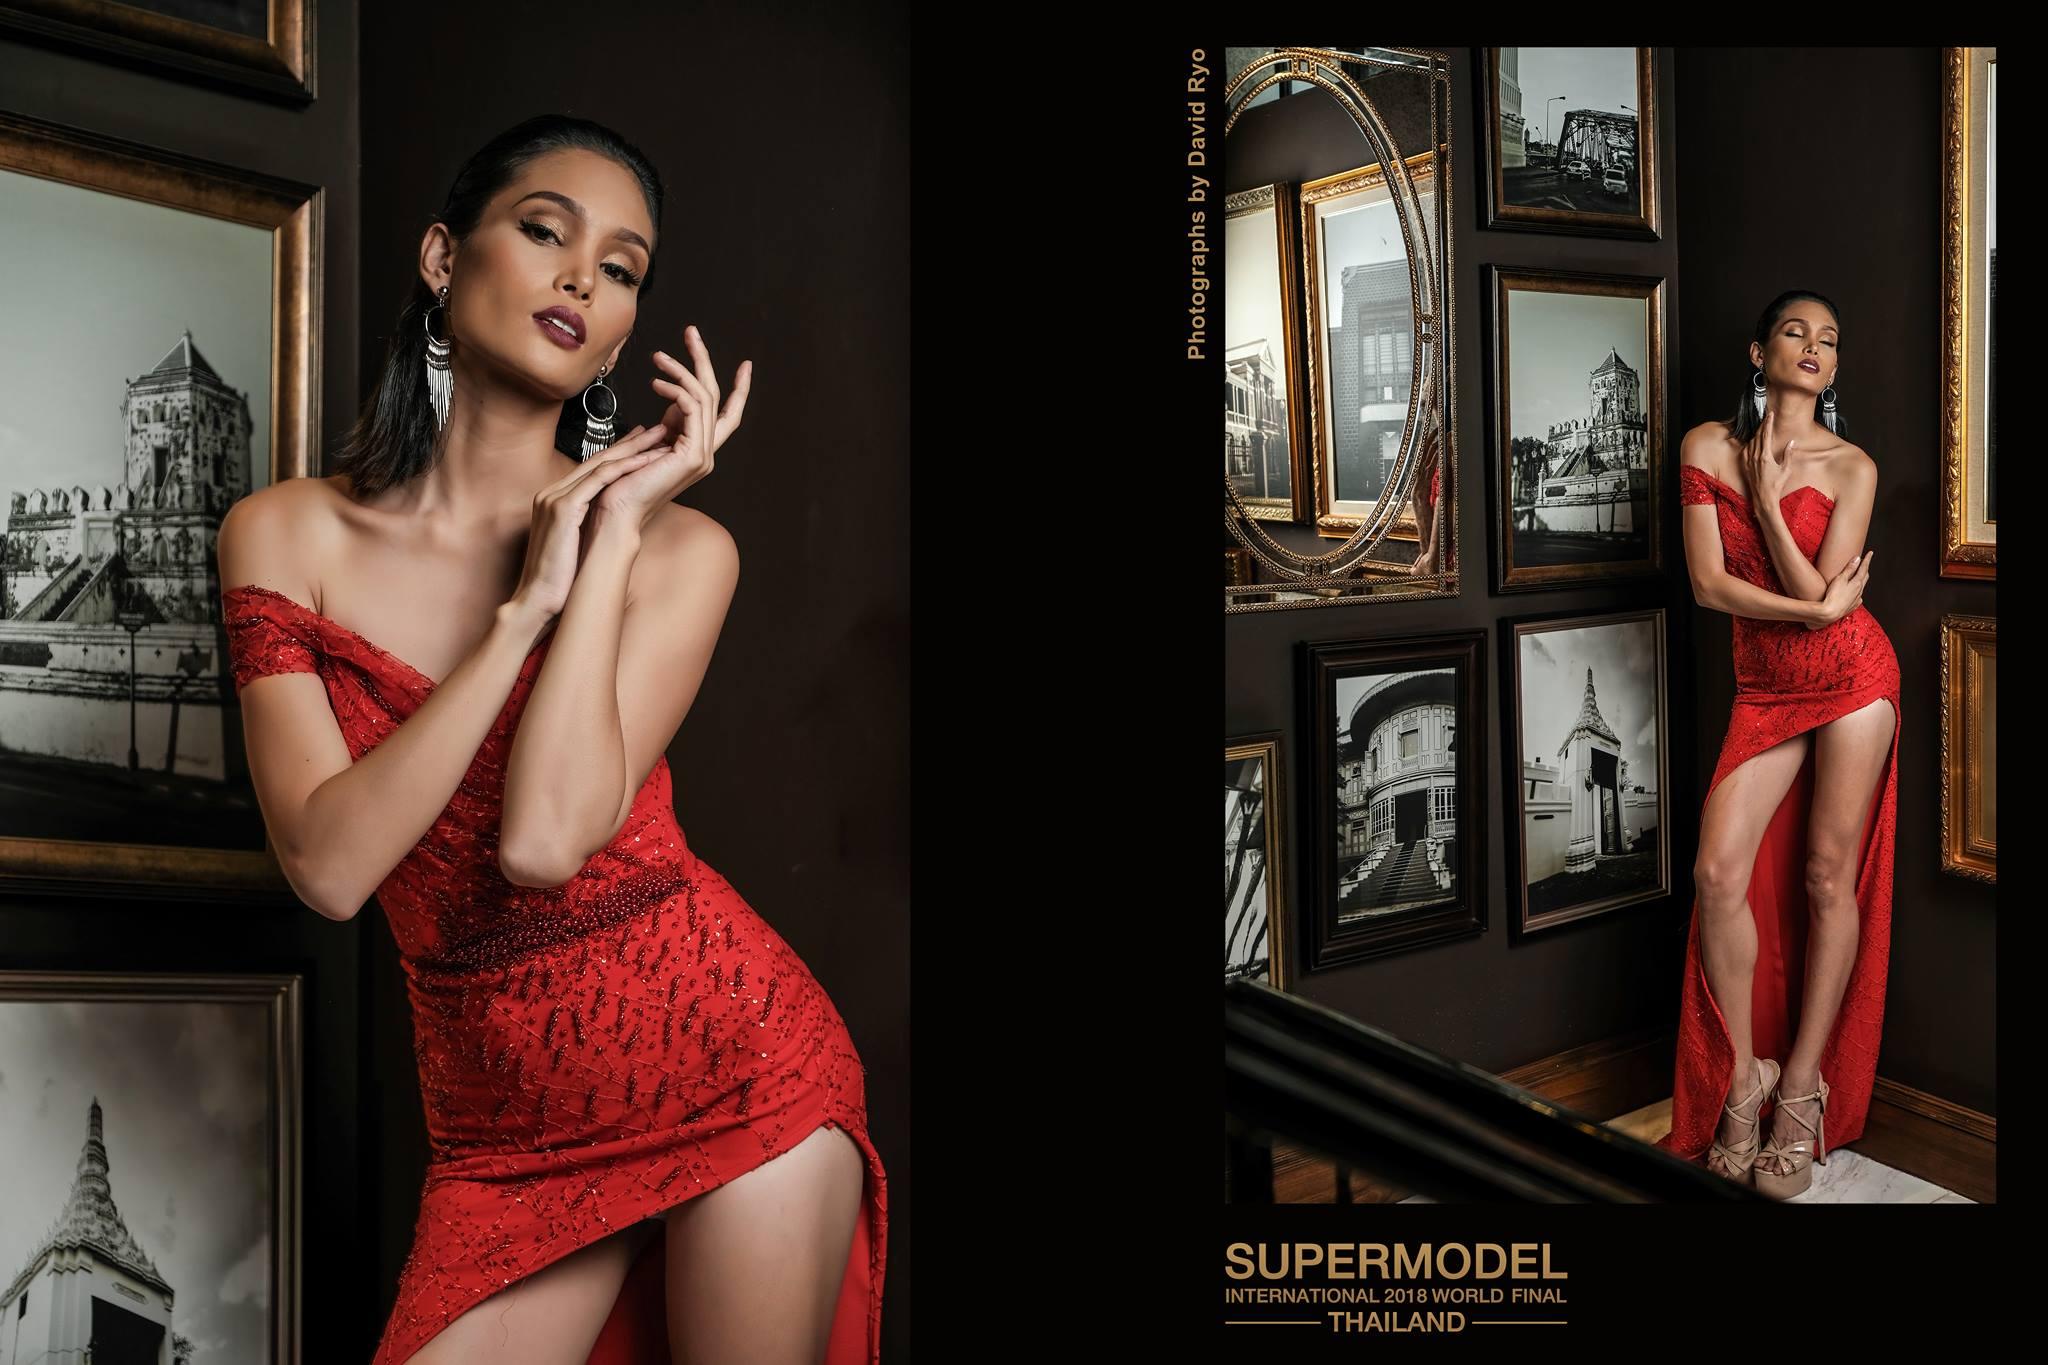 Dàn thì sinh siêu mẫu Quốc tế đẹp thế này, đâu là cơ hội cho Khả Trang? 4